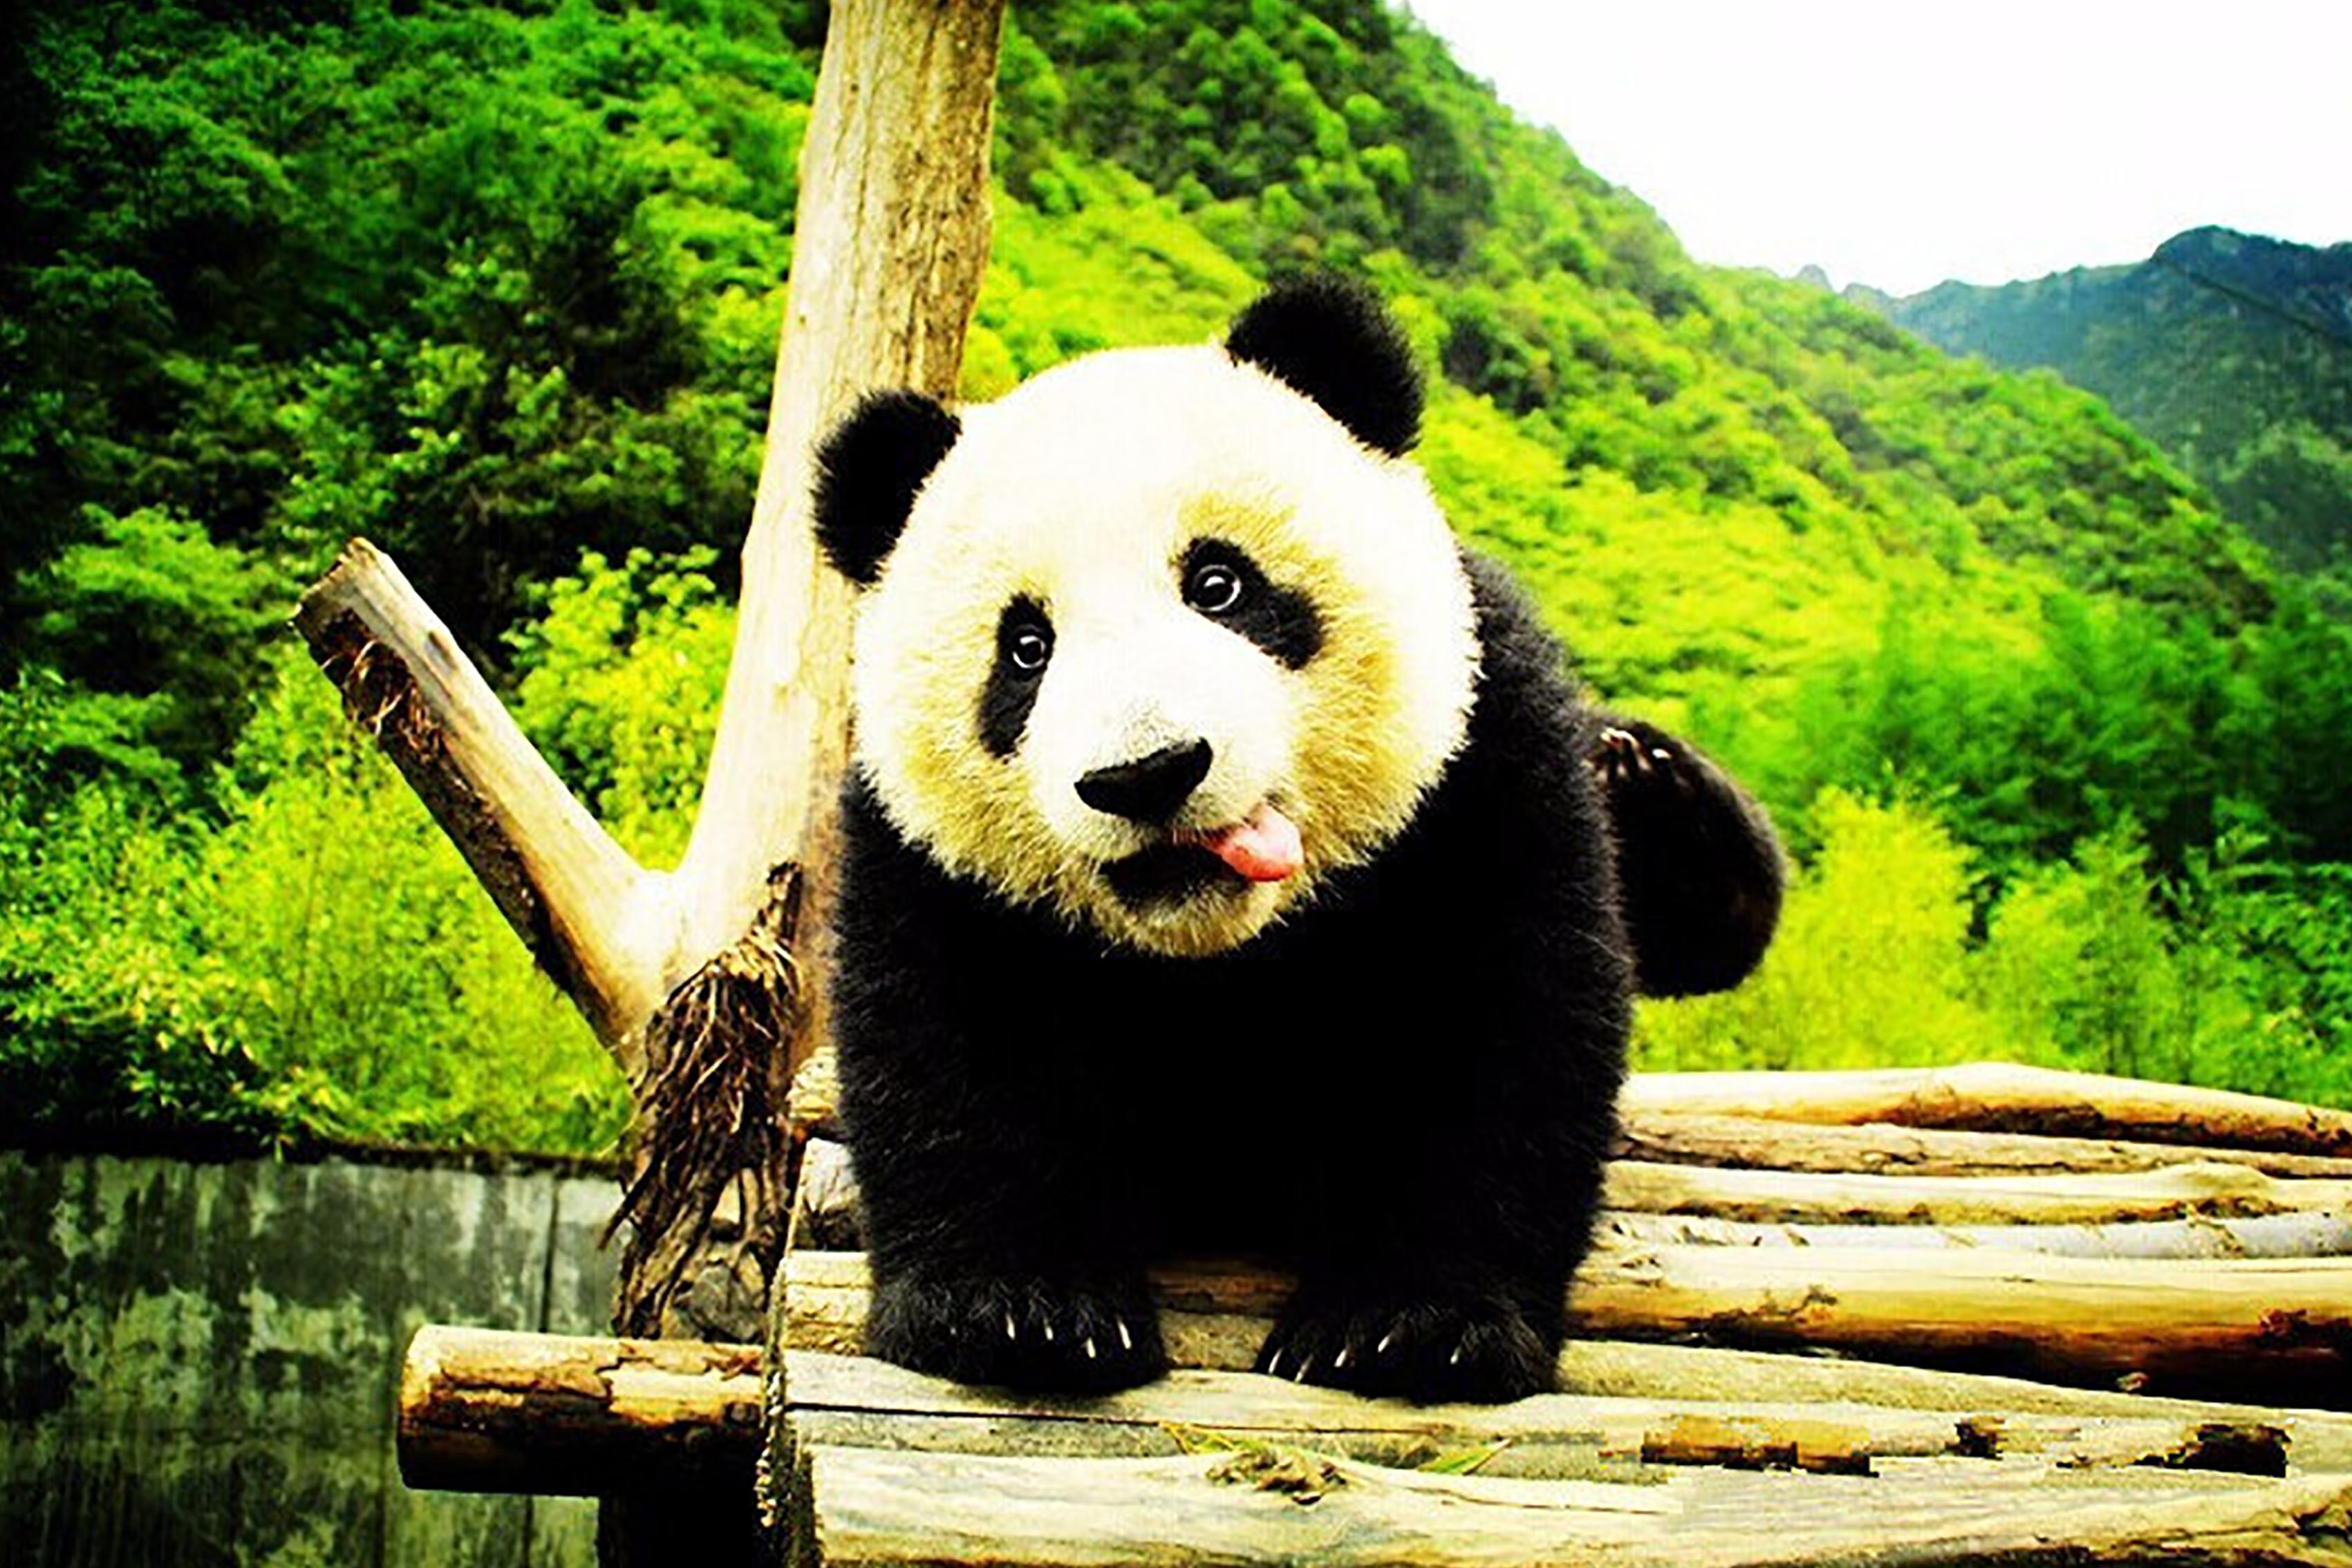 成都大熊猫繁育基地、都江堰景区巴士1日深度游[不早出不晚归9点发车专车接早]赠送每人一只熊猫公仔,二环路内专车包接